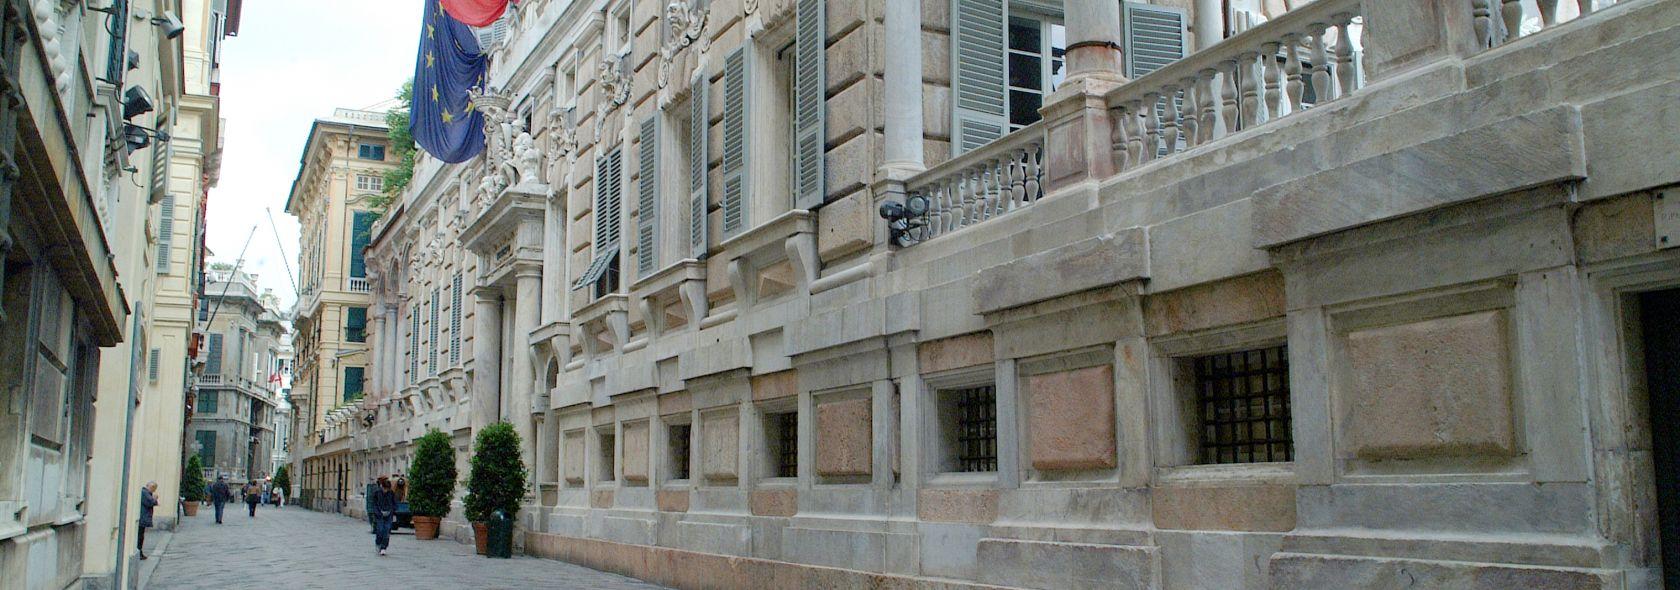 Genova, Via Garibaldi